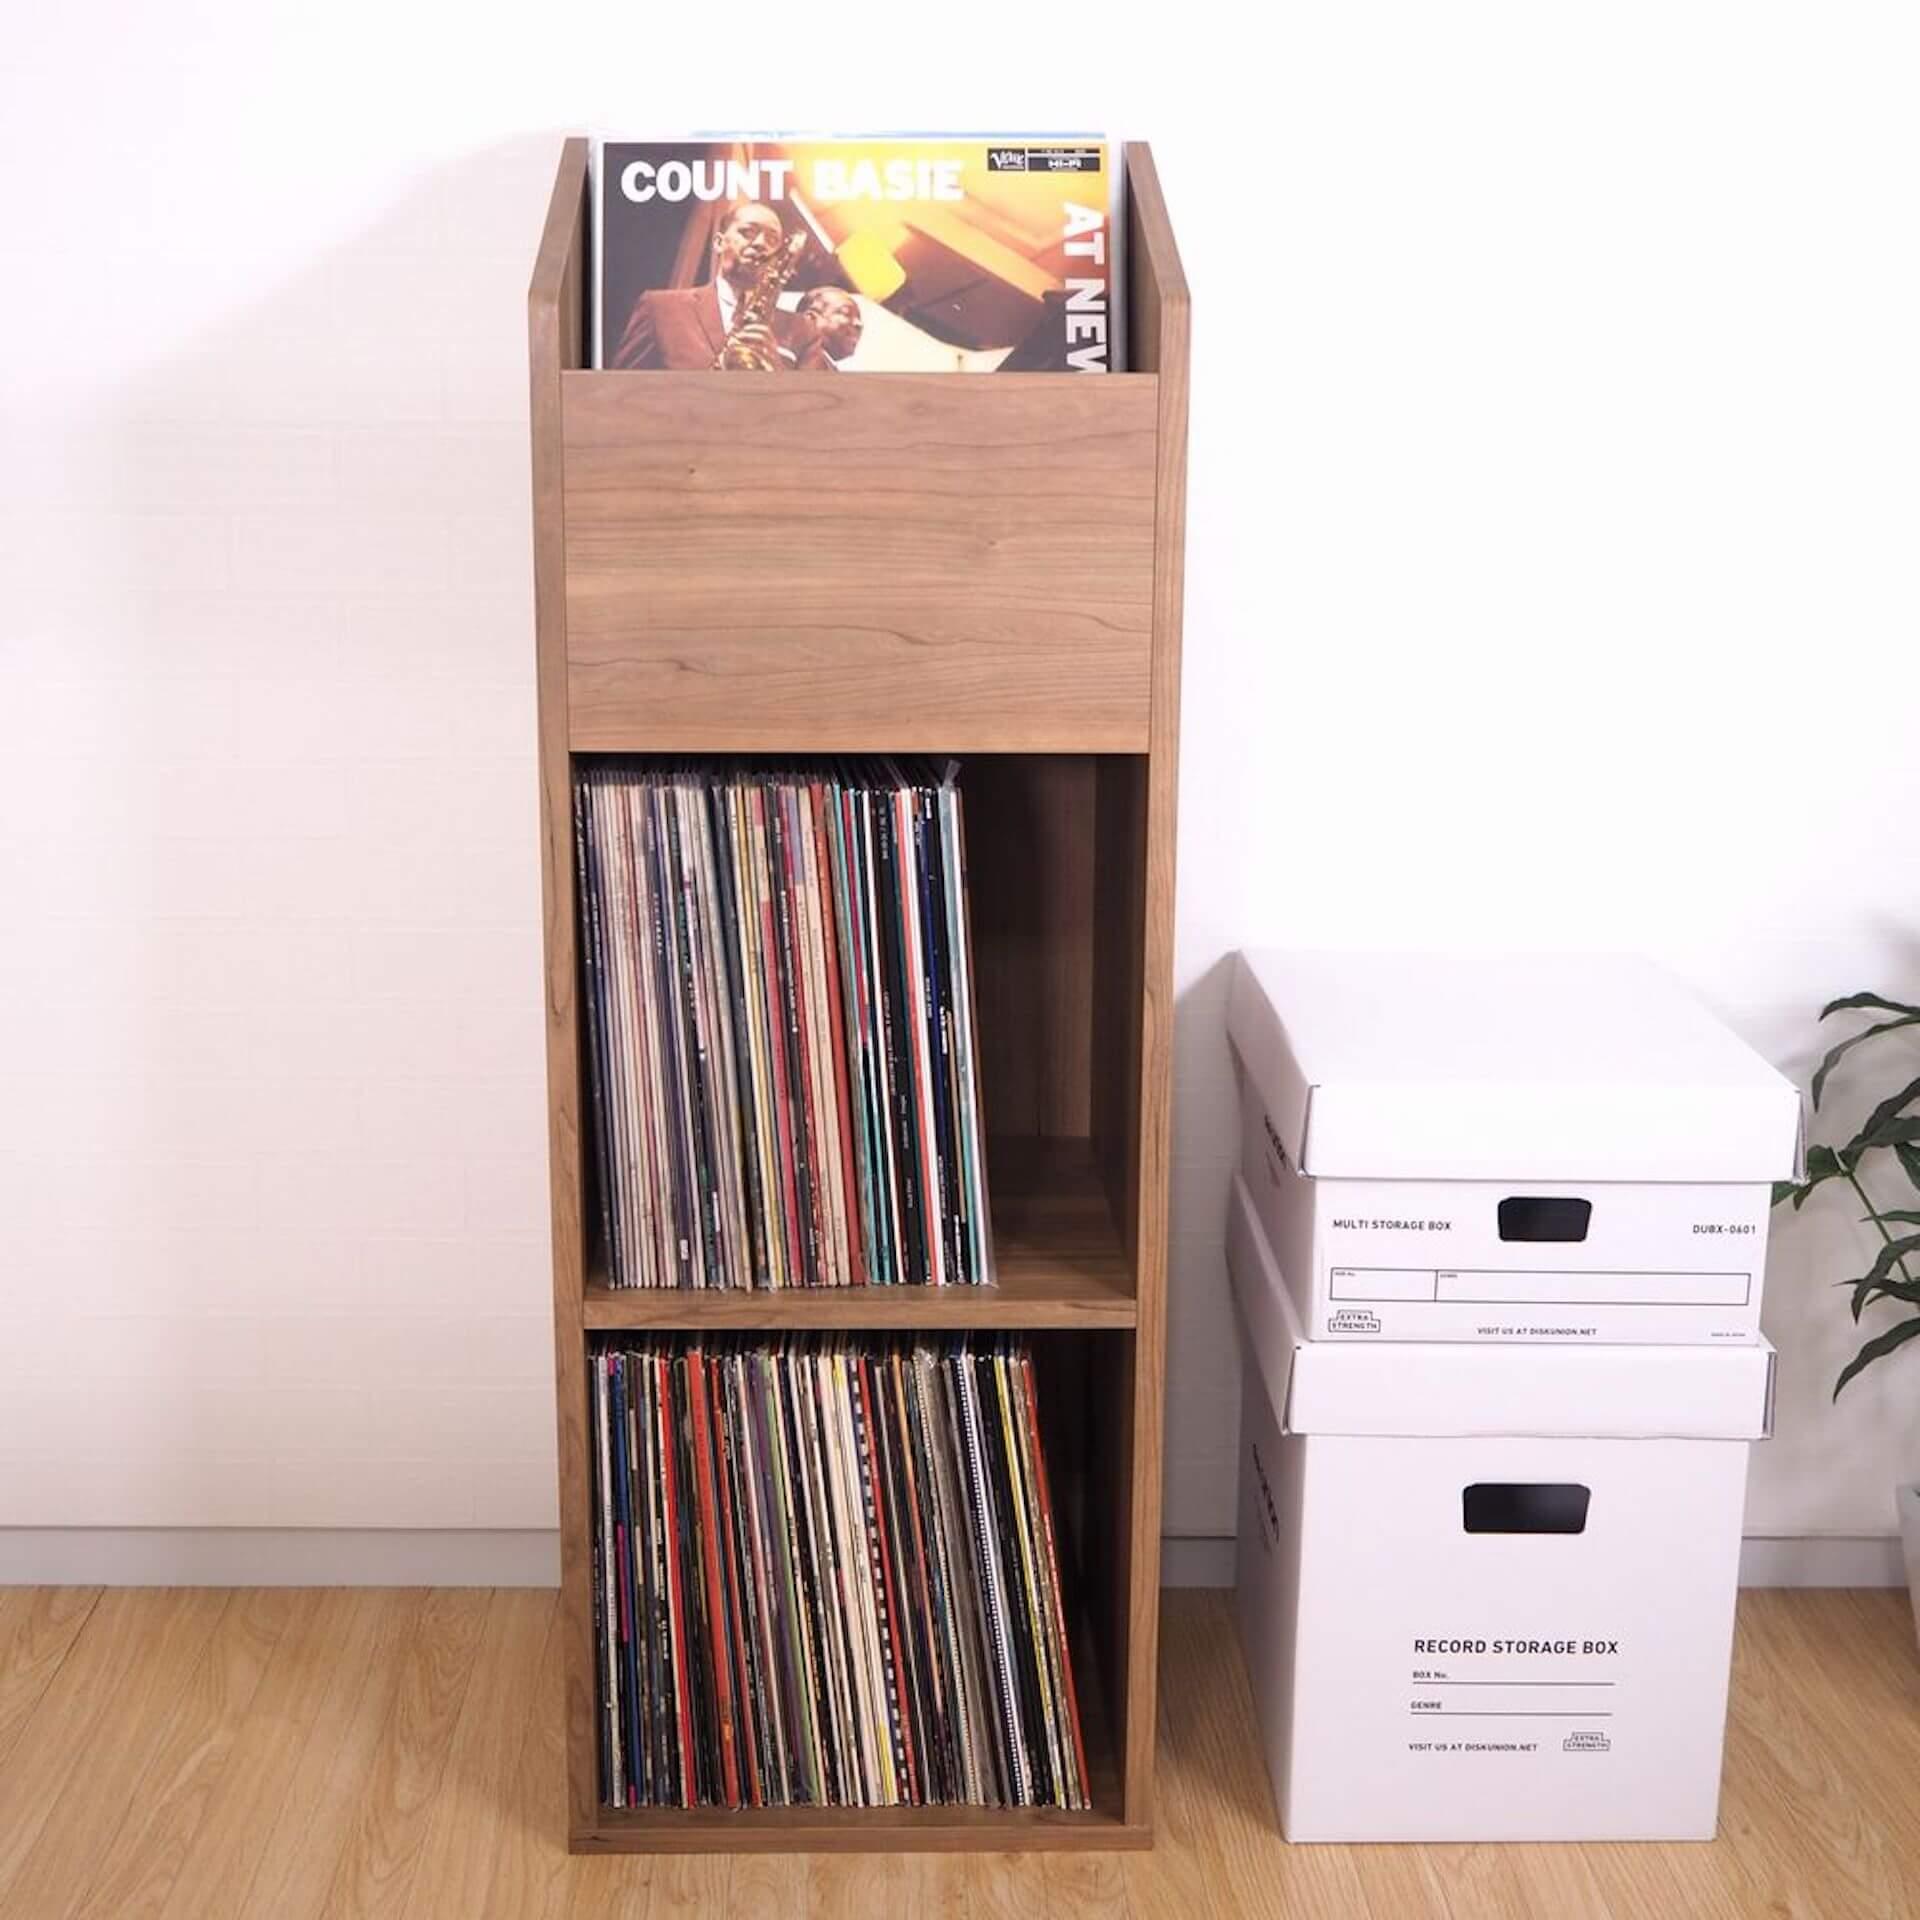 CD・レコードの収納用品に特化したディスクユニオン収納ストアが新宿にオープン!一部商品の情報も解禁 culture210624_diskunion4